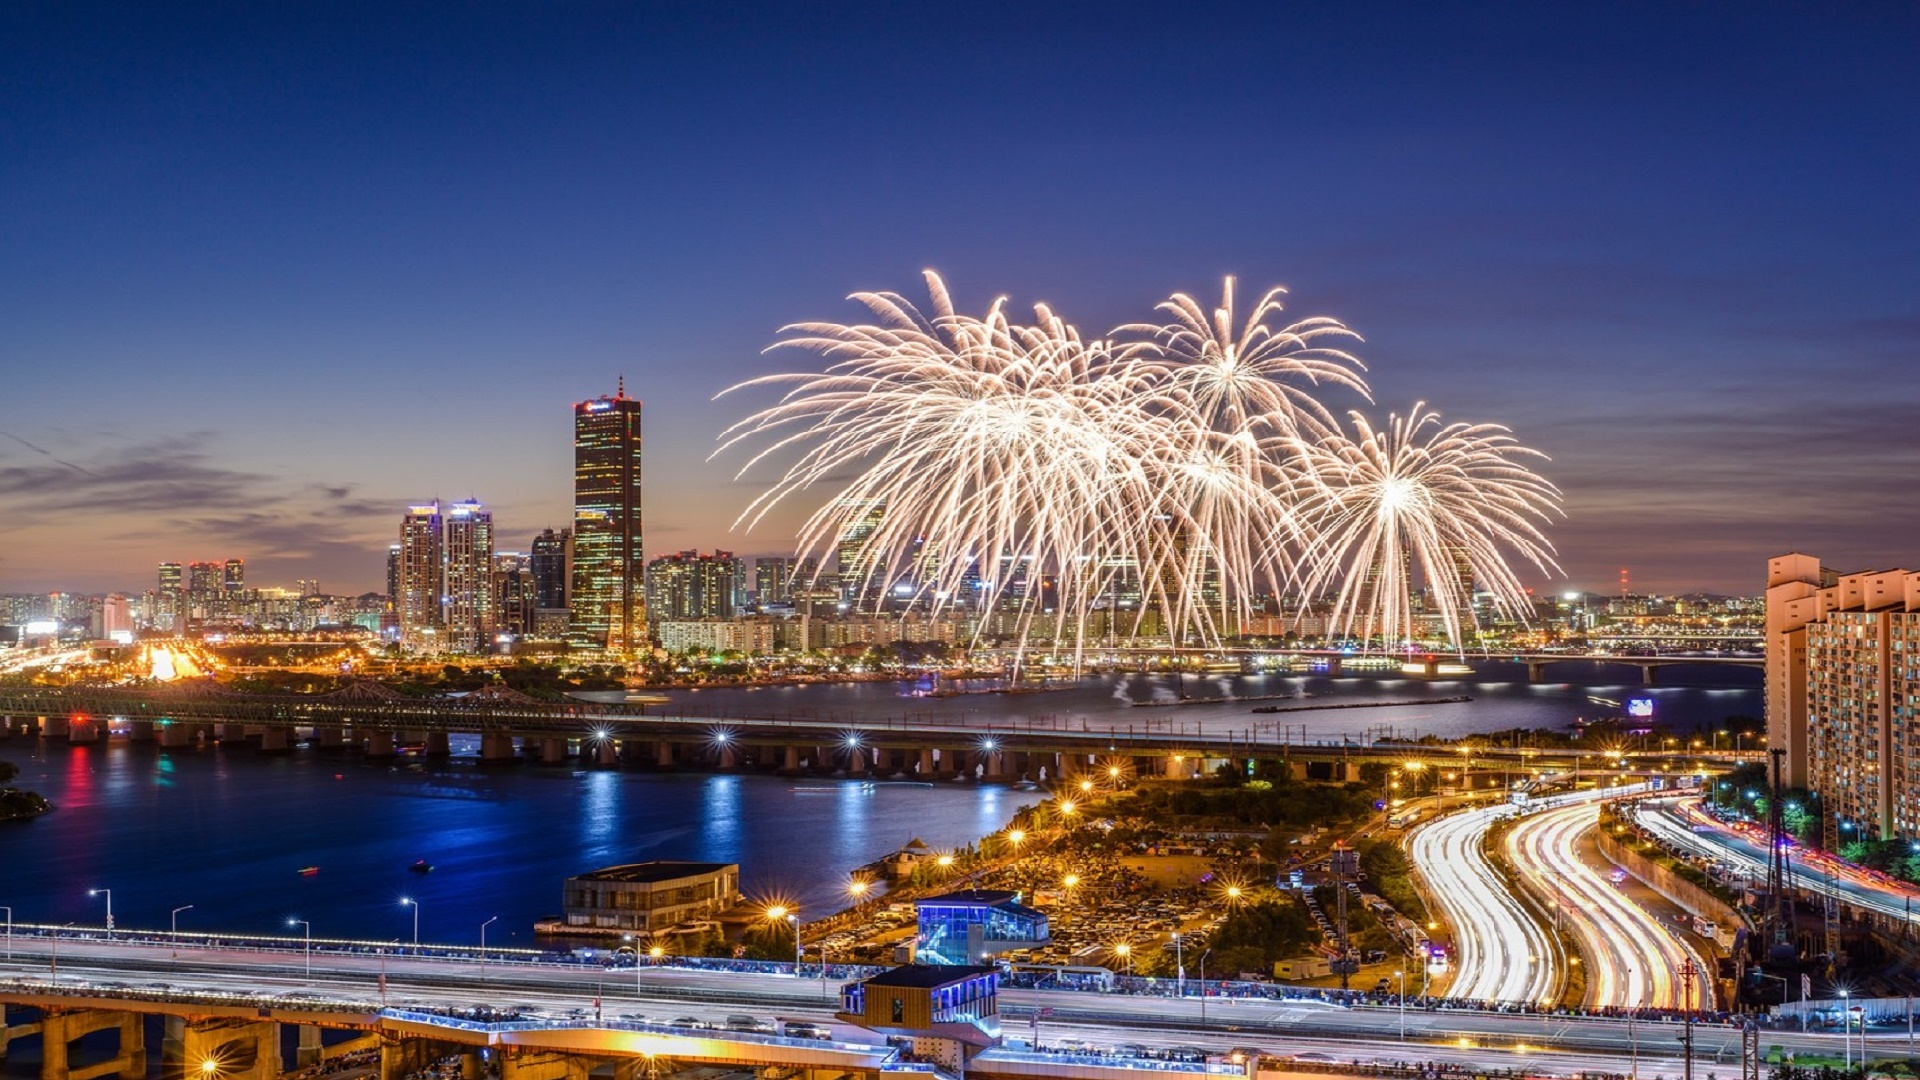 Seoul International Fireworks Festival wallpaper